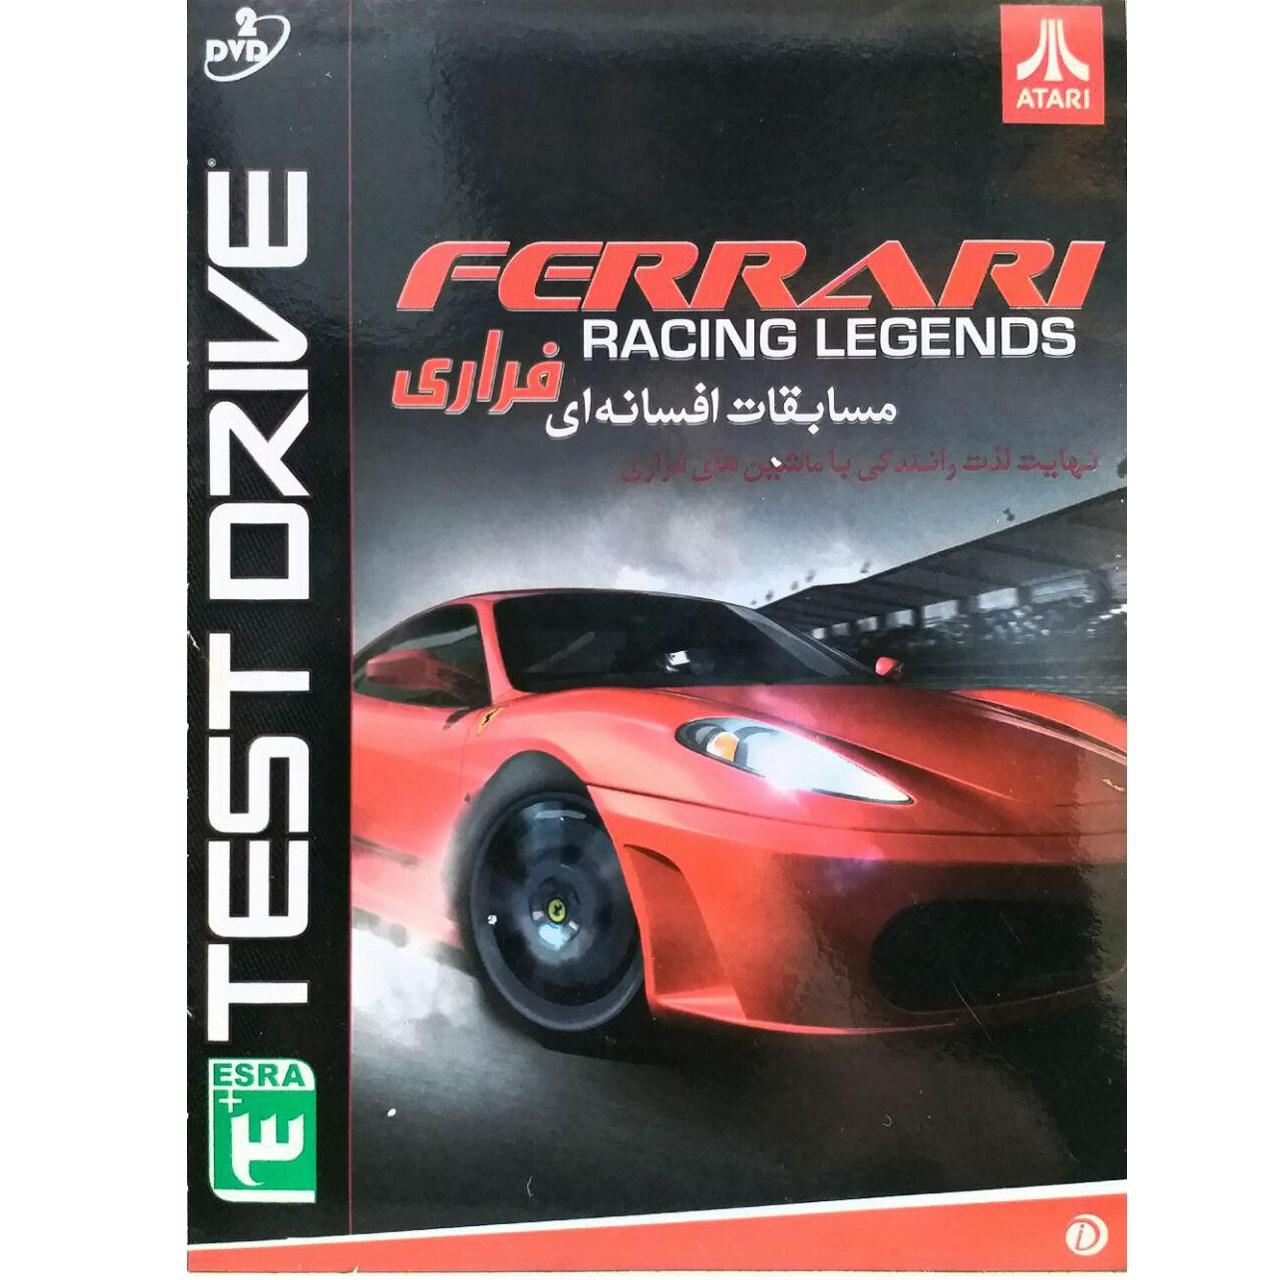 خرید اینترنتی بازی مسابقات افسانه ای ferrari racing.نشر سرزمین 541033 اورجینال